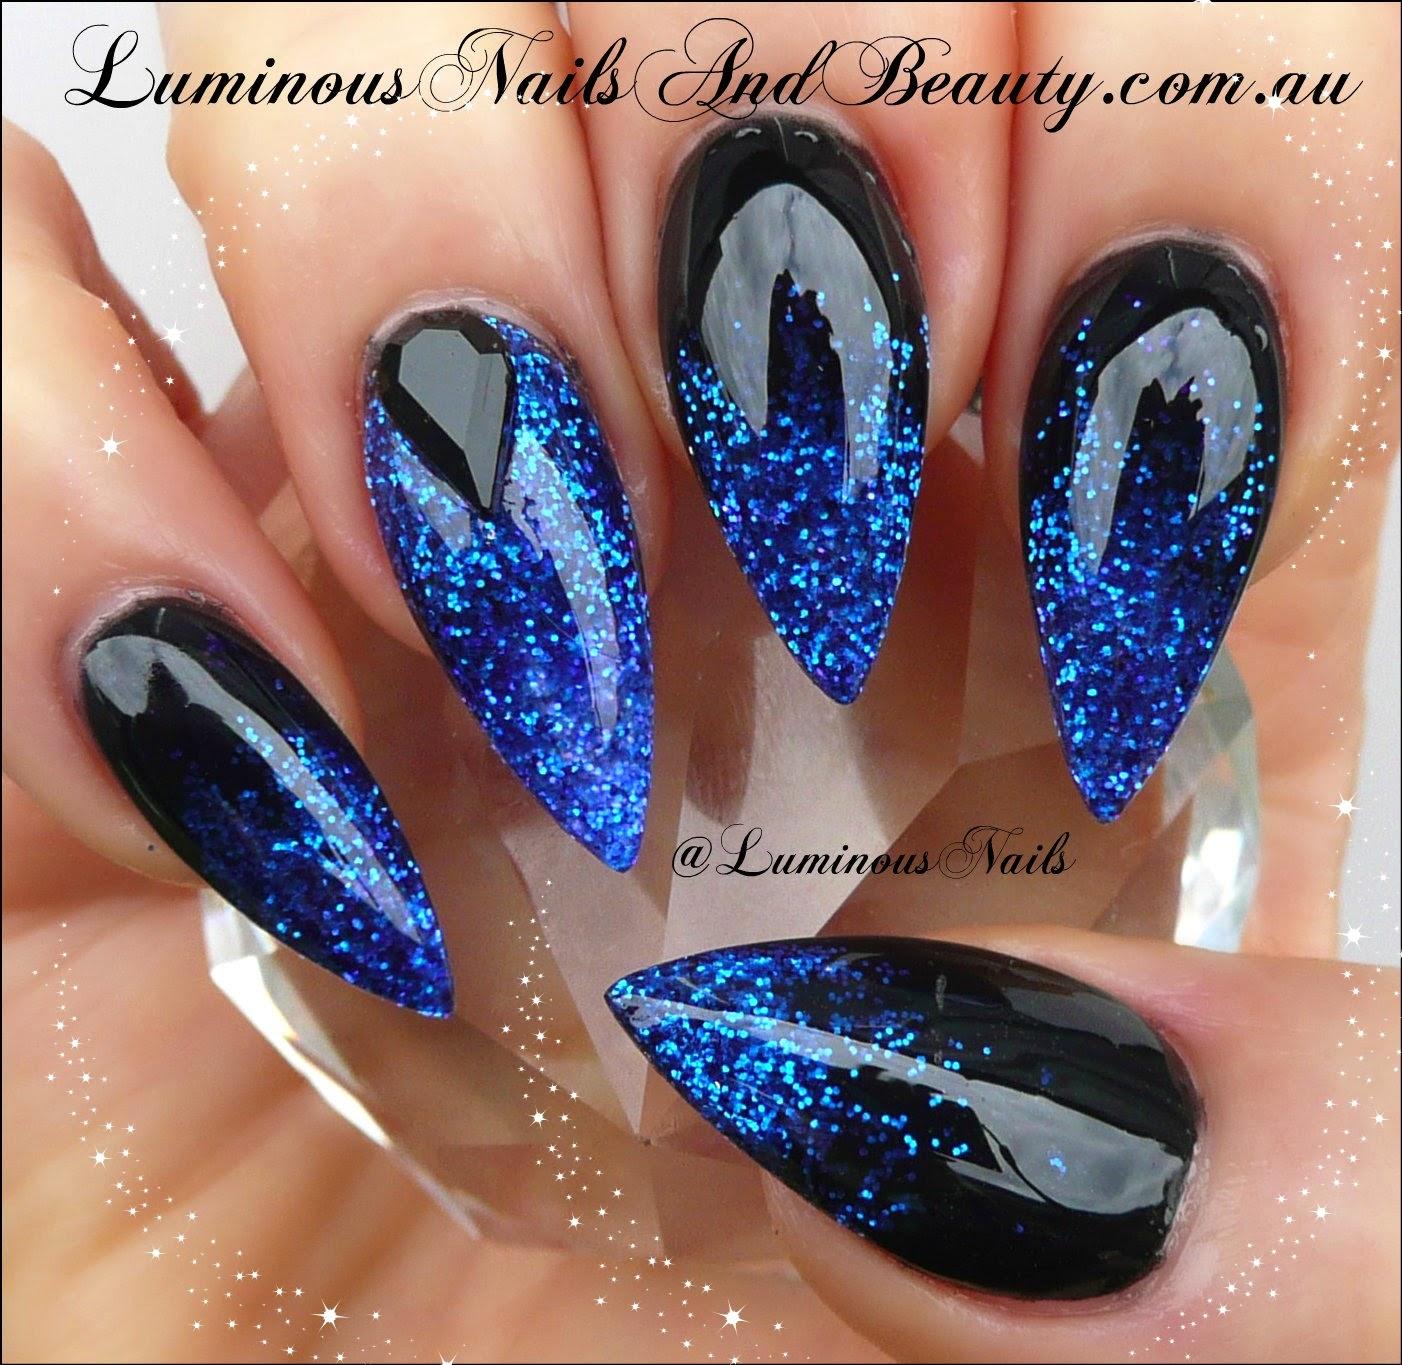 Royal Blue And Silver Nail Designs